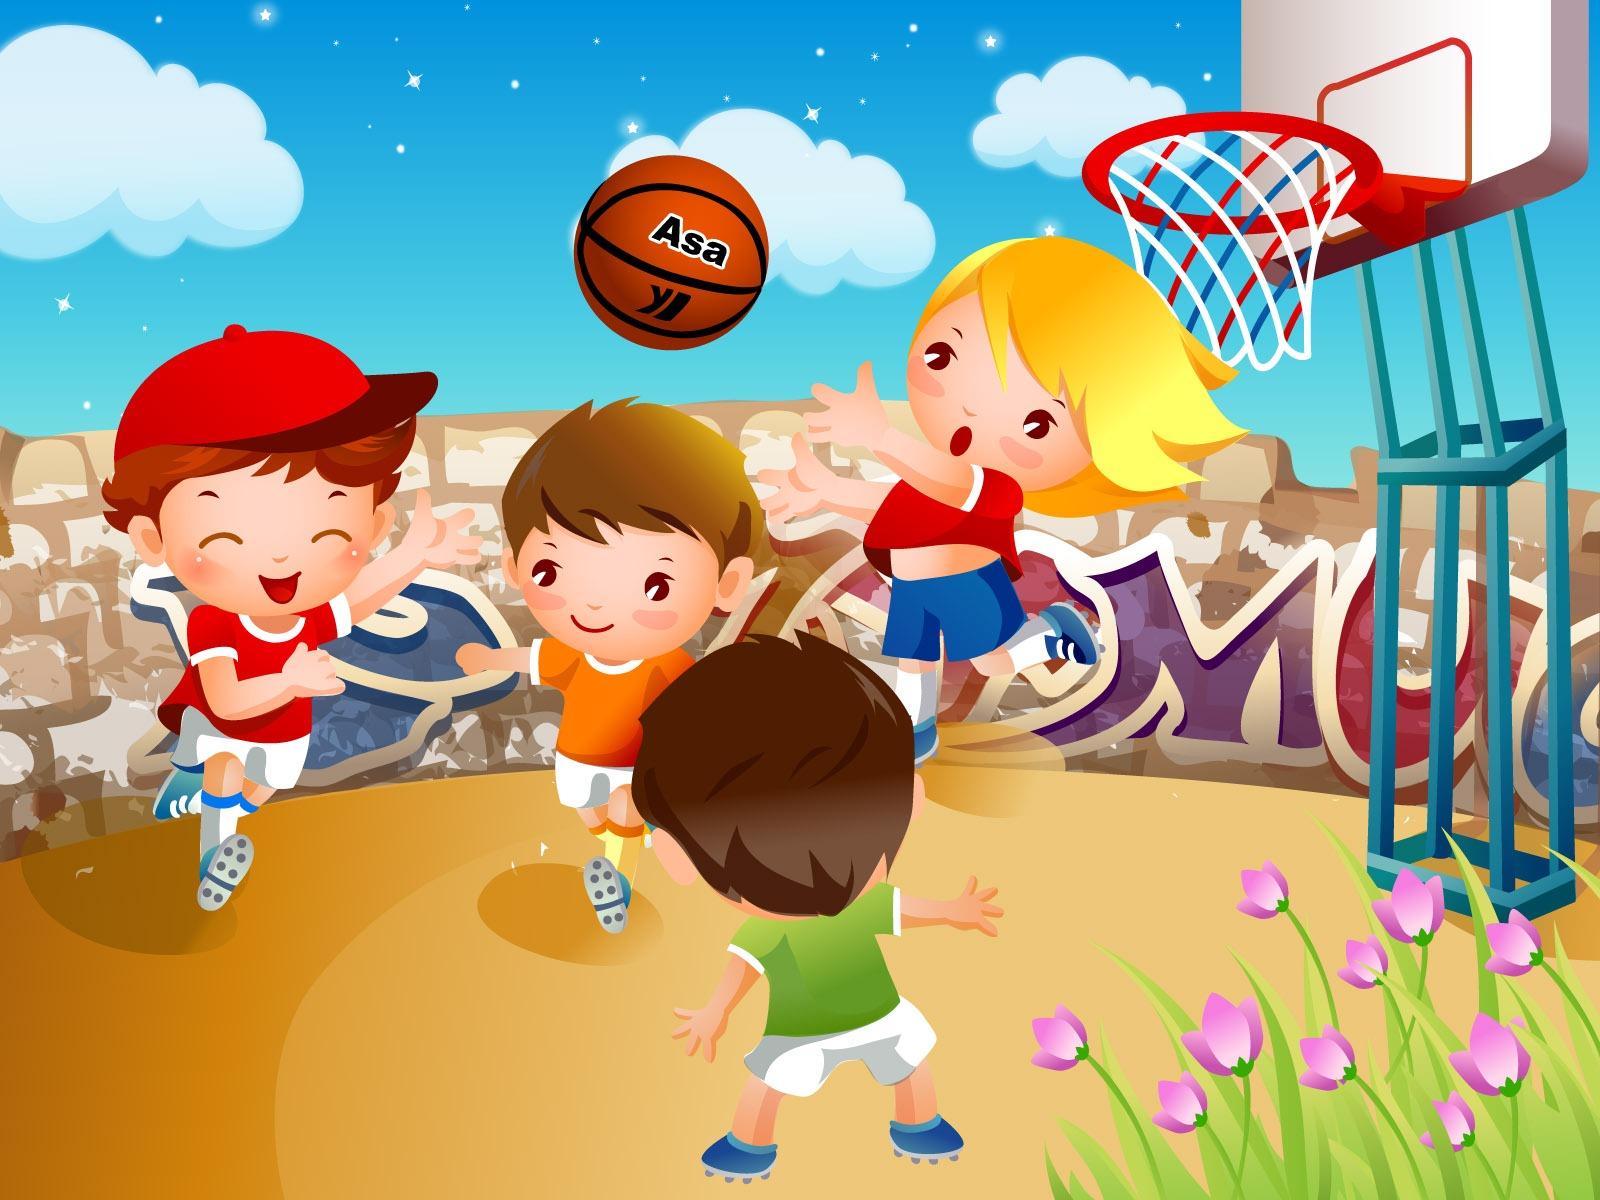 Мы растем сильными и смелыми сценарий детский сад физкультура